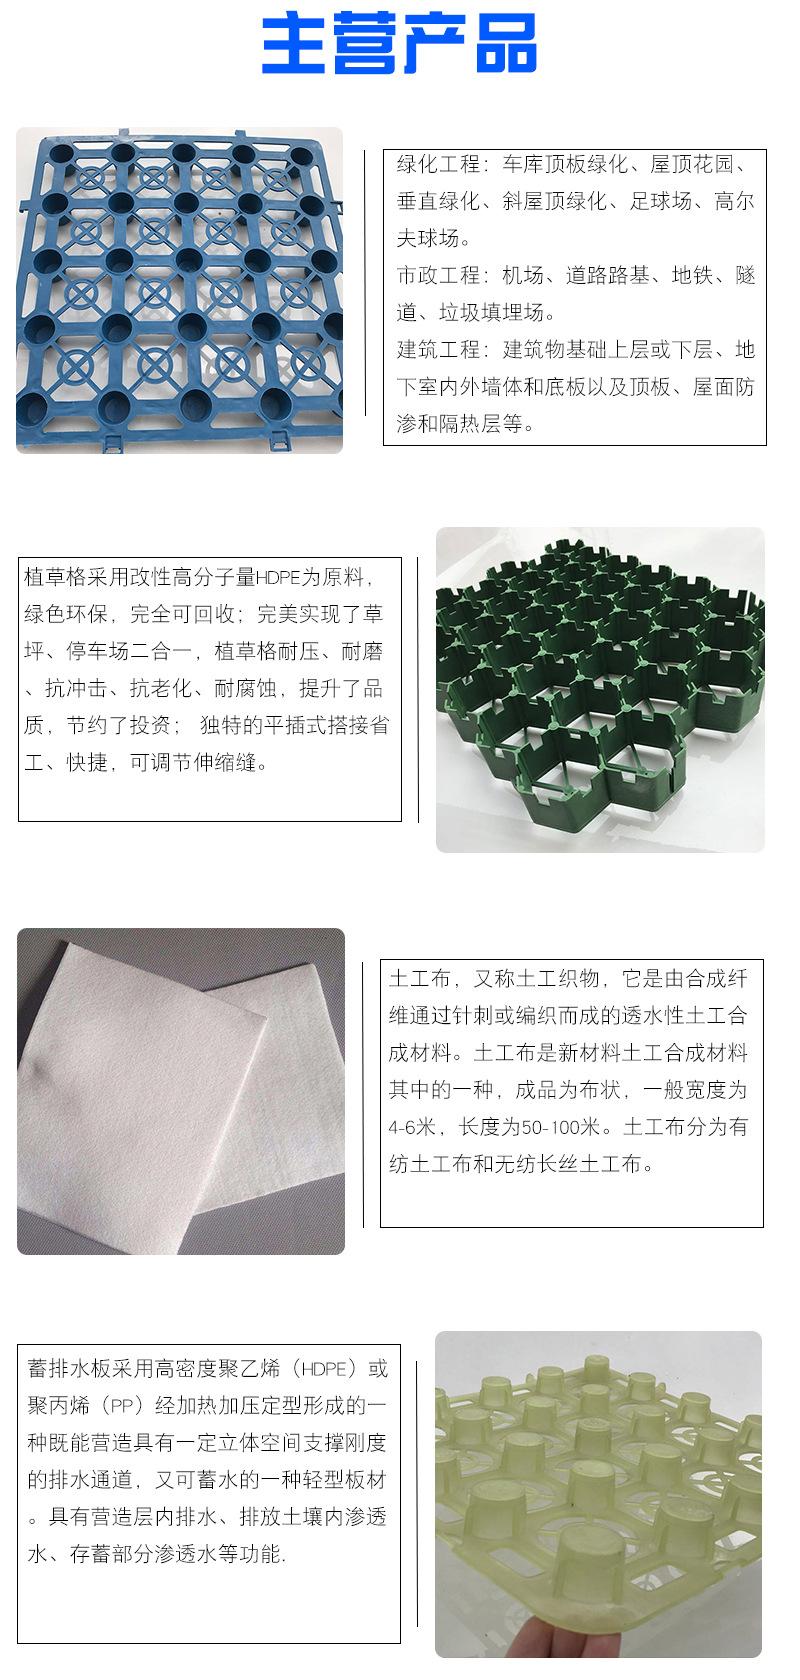 北京排水板廠家電話+安徽省六安市